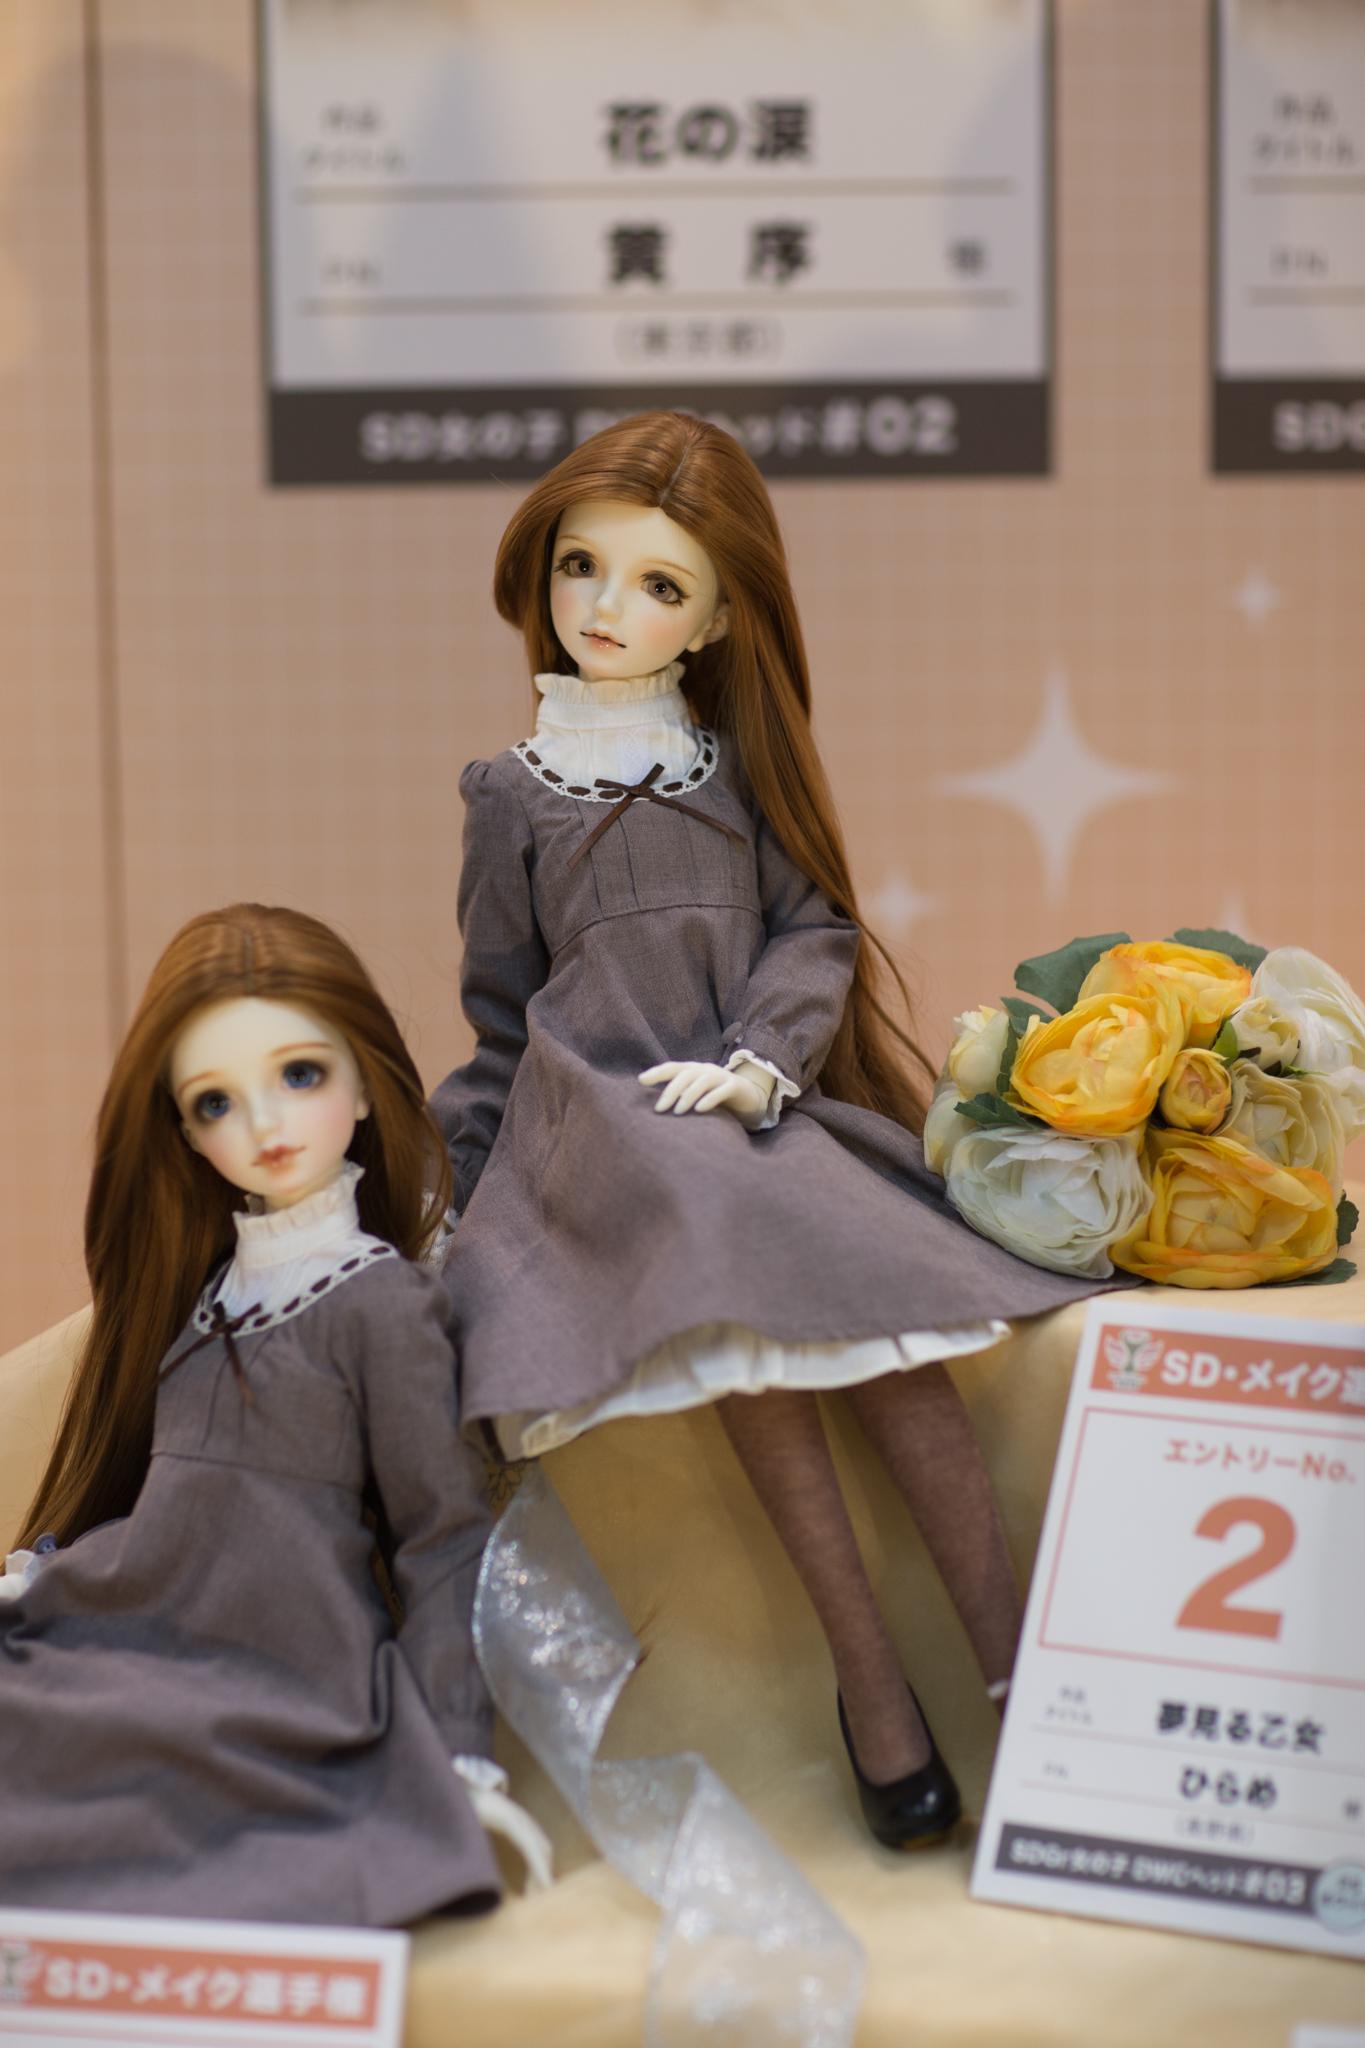 DWC2015_SD・メイク選手権_No.2 夢見る乙女 P.N. ひらめ 様